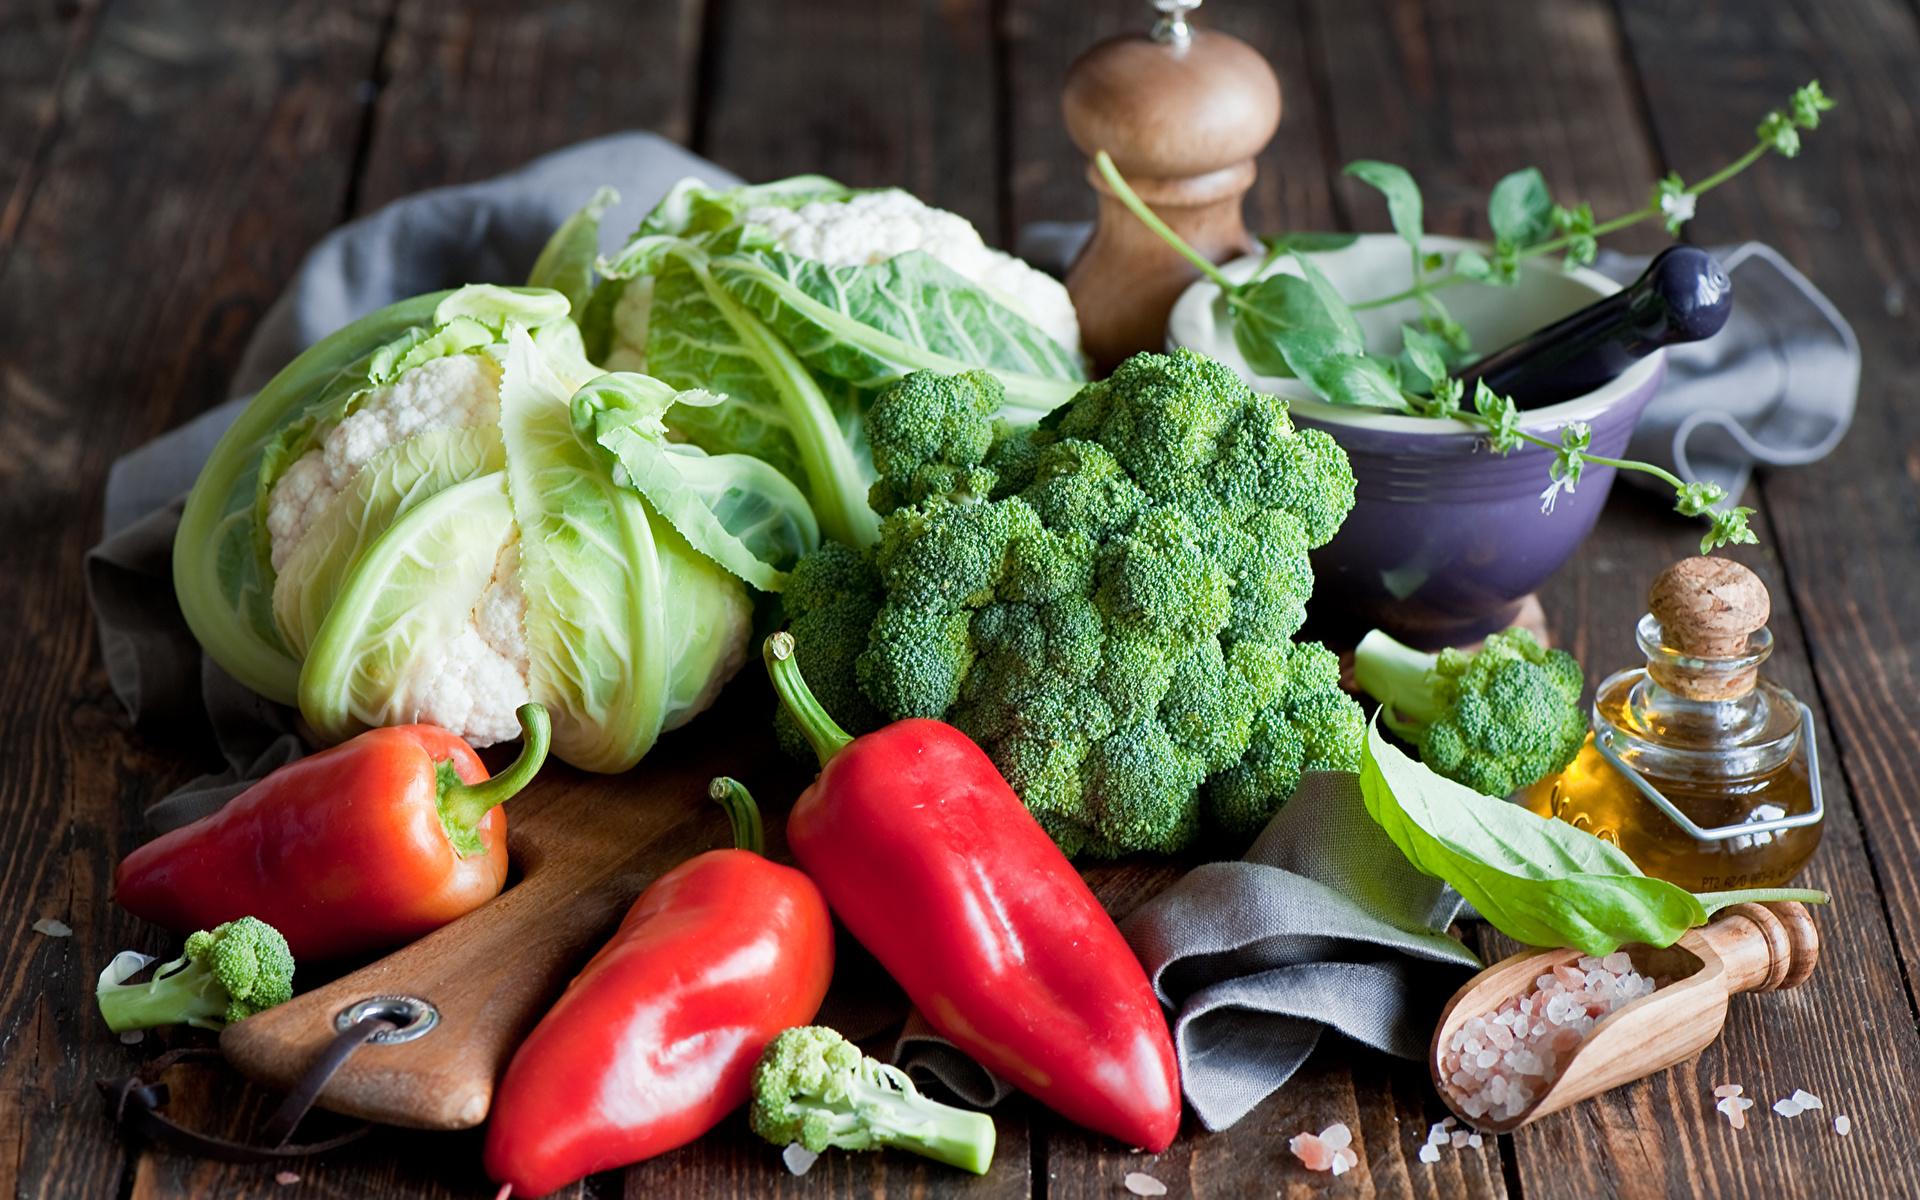 Капустно Фруктовая Диета. Как капуста влияет на похудение, правила диеты, ежедневное меню